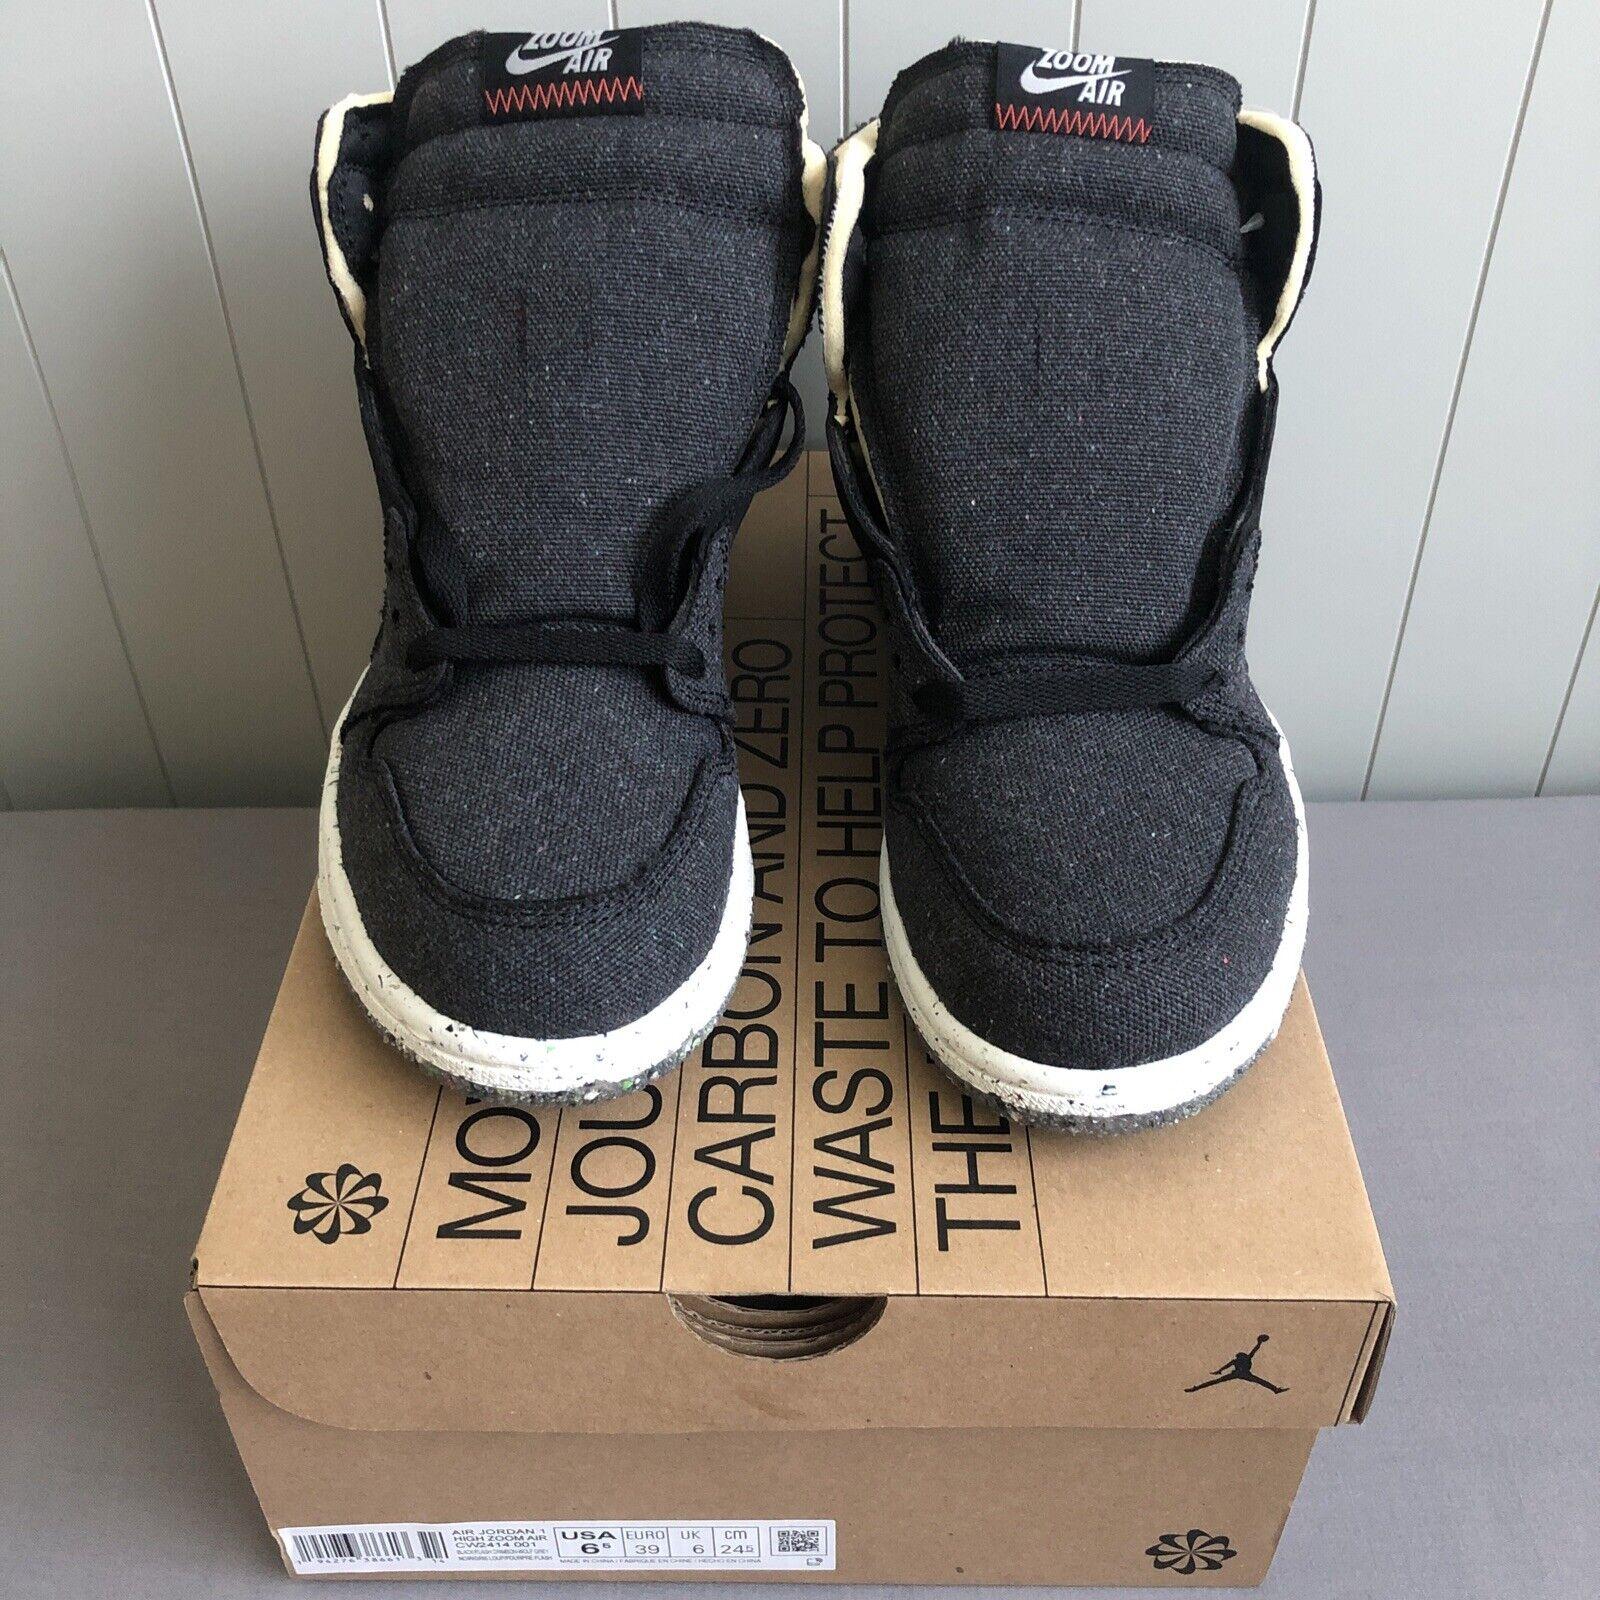 Nike Air Jordan 1 High Zoom Air UK6 / EU 39 (BNWT)